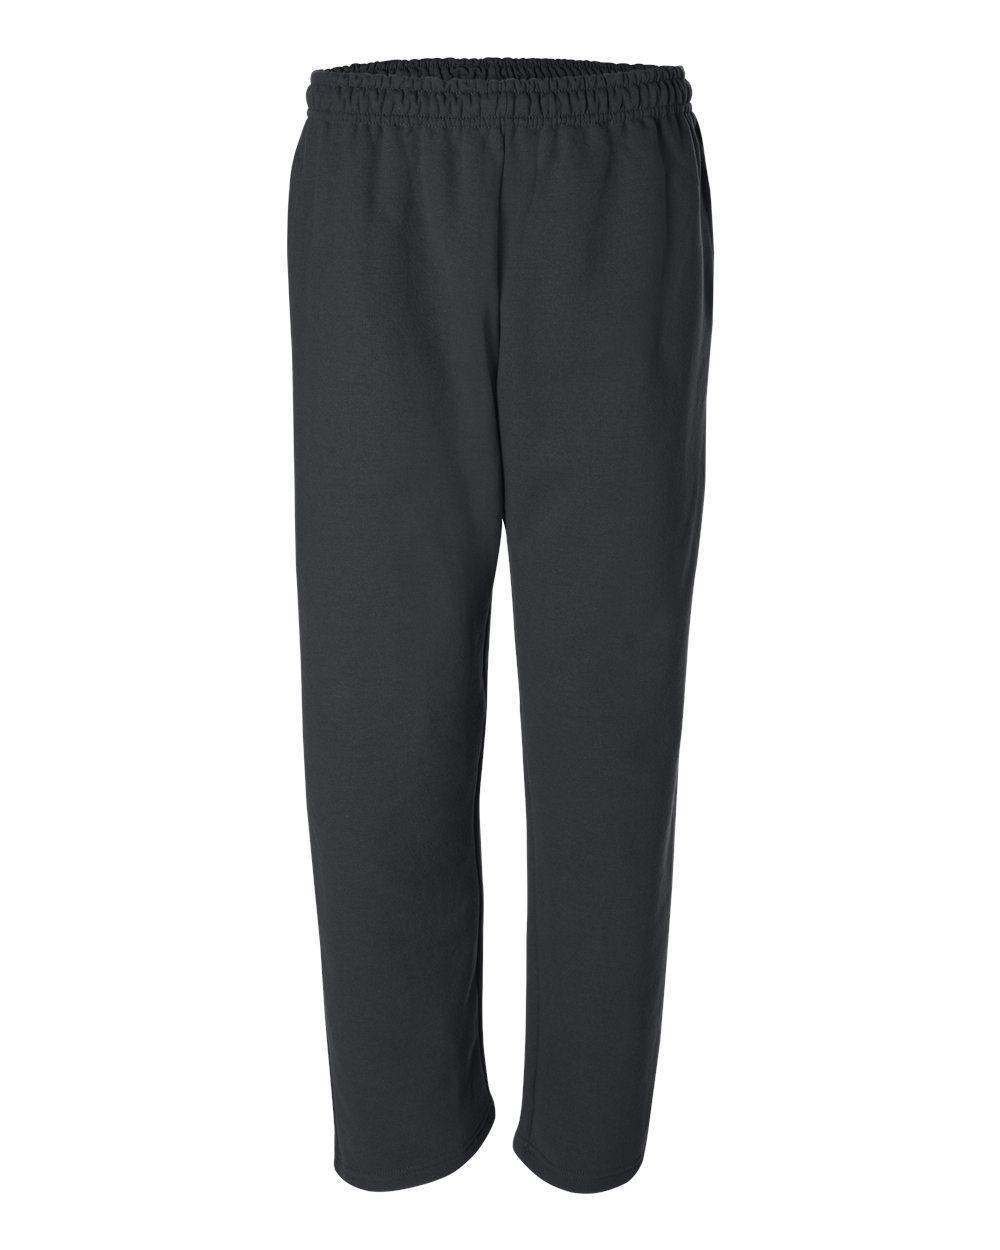 Gildan-Mens-DryBlend-Open-Bottom-Pocket-Sweatpants-12300-up-to-2XL thumbnail 6